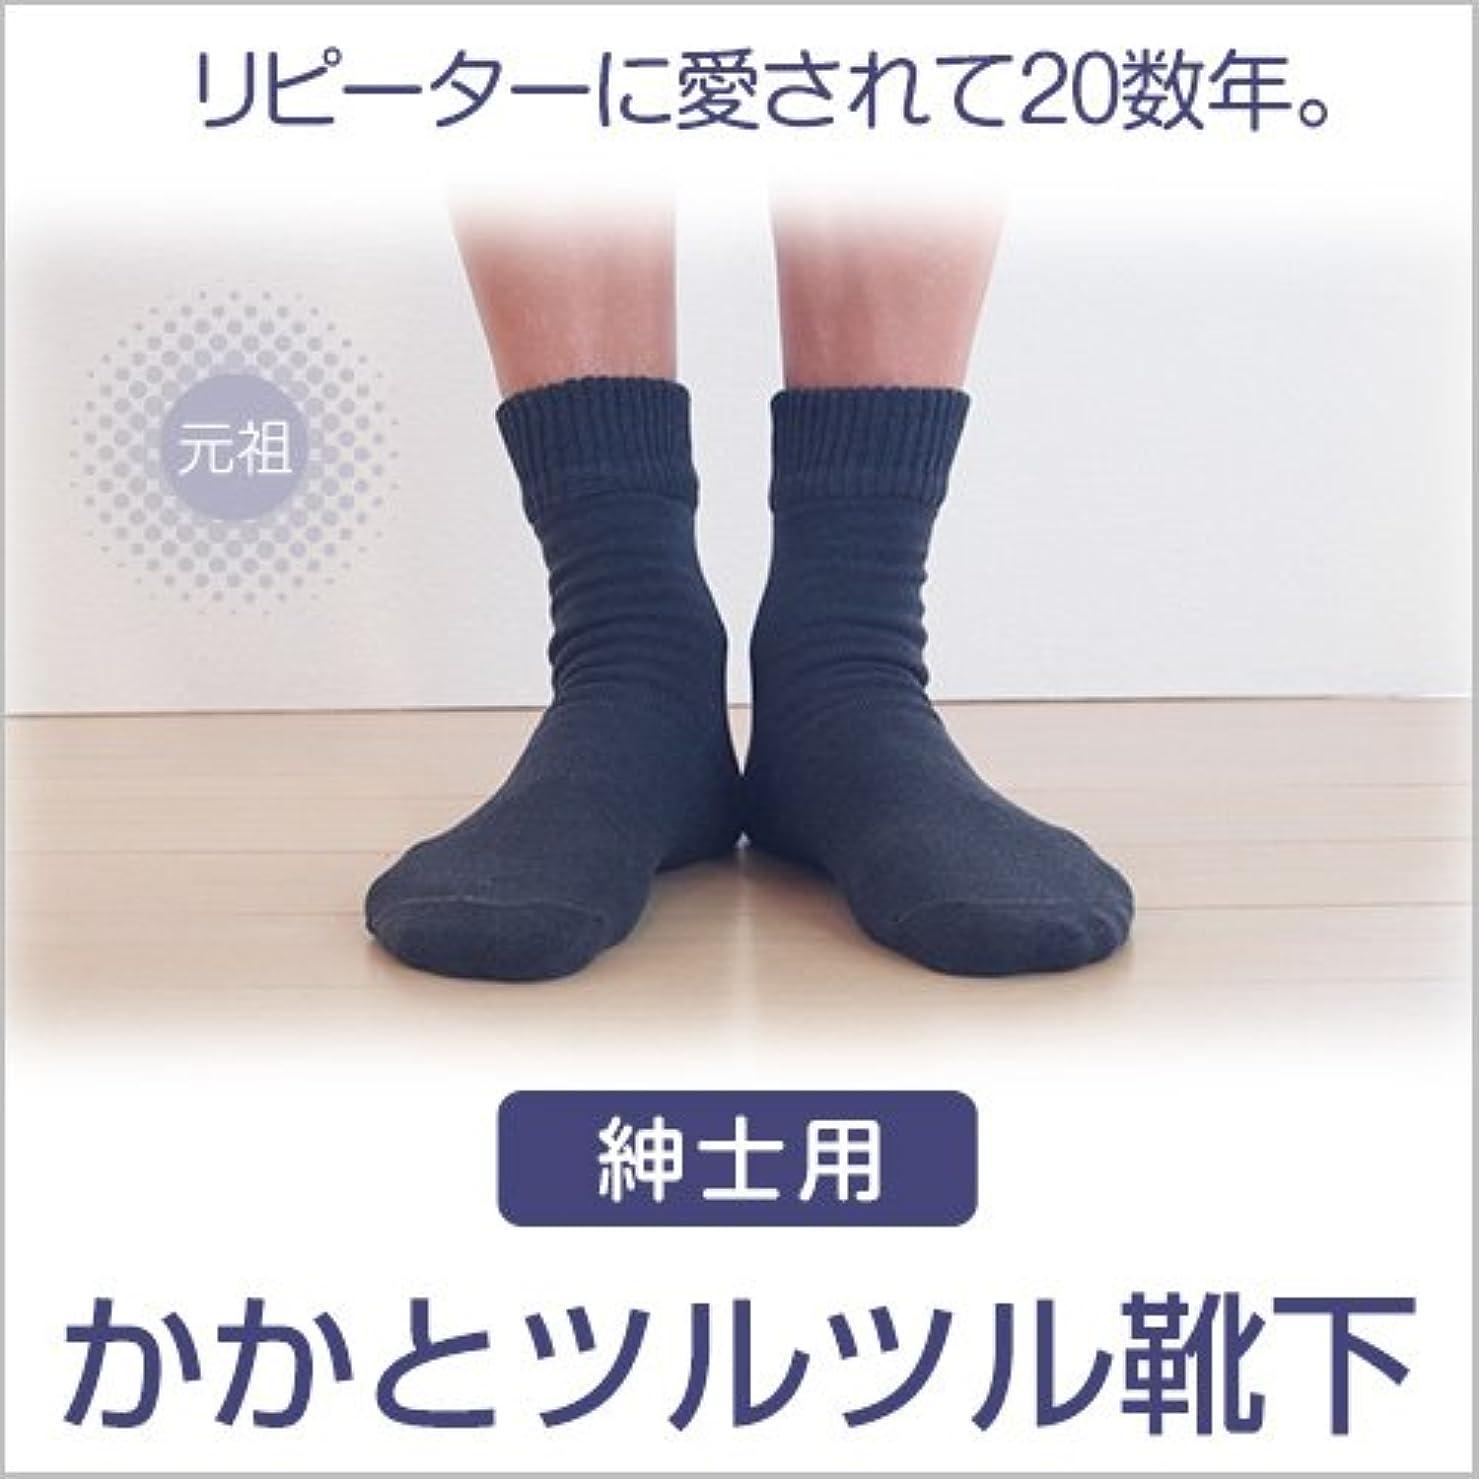 六分儀意見解決する男性用 かかと ツルツル 靴下 ブラック 24-26cm 角質 ケア ひび割れ対策 太陽ニット 700